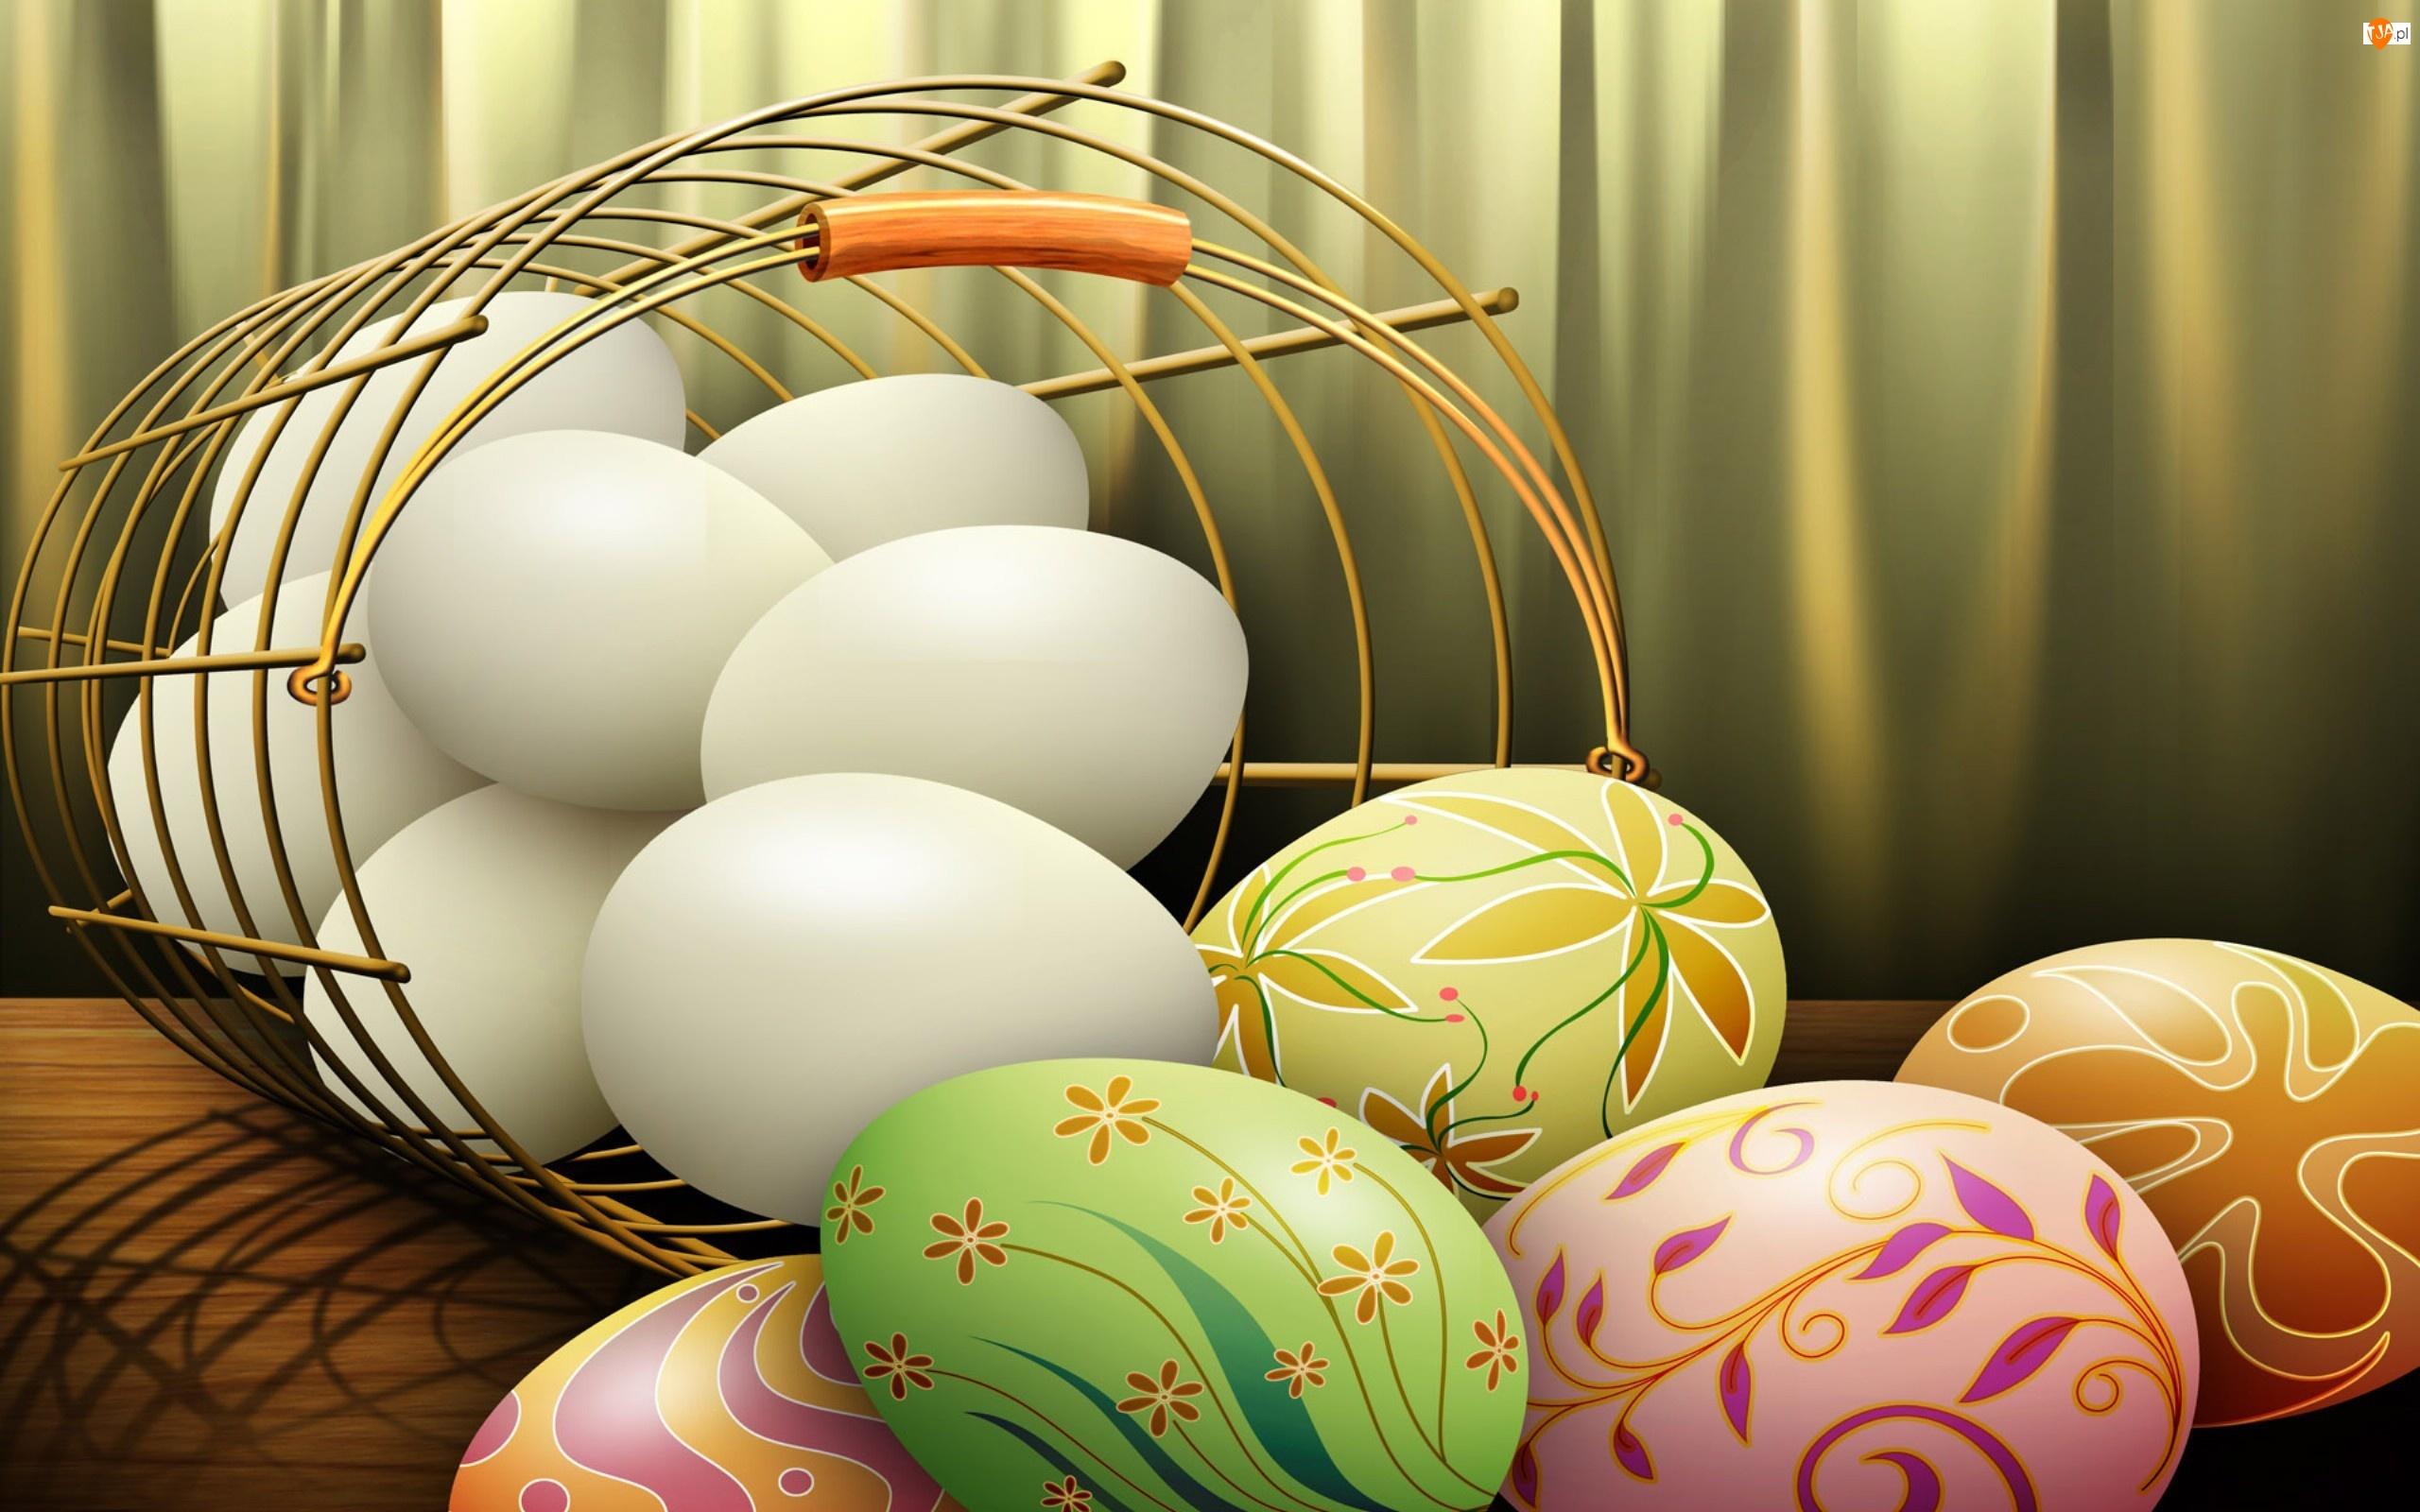 Koszyk, Pisanki, Jajka, Kolorowe